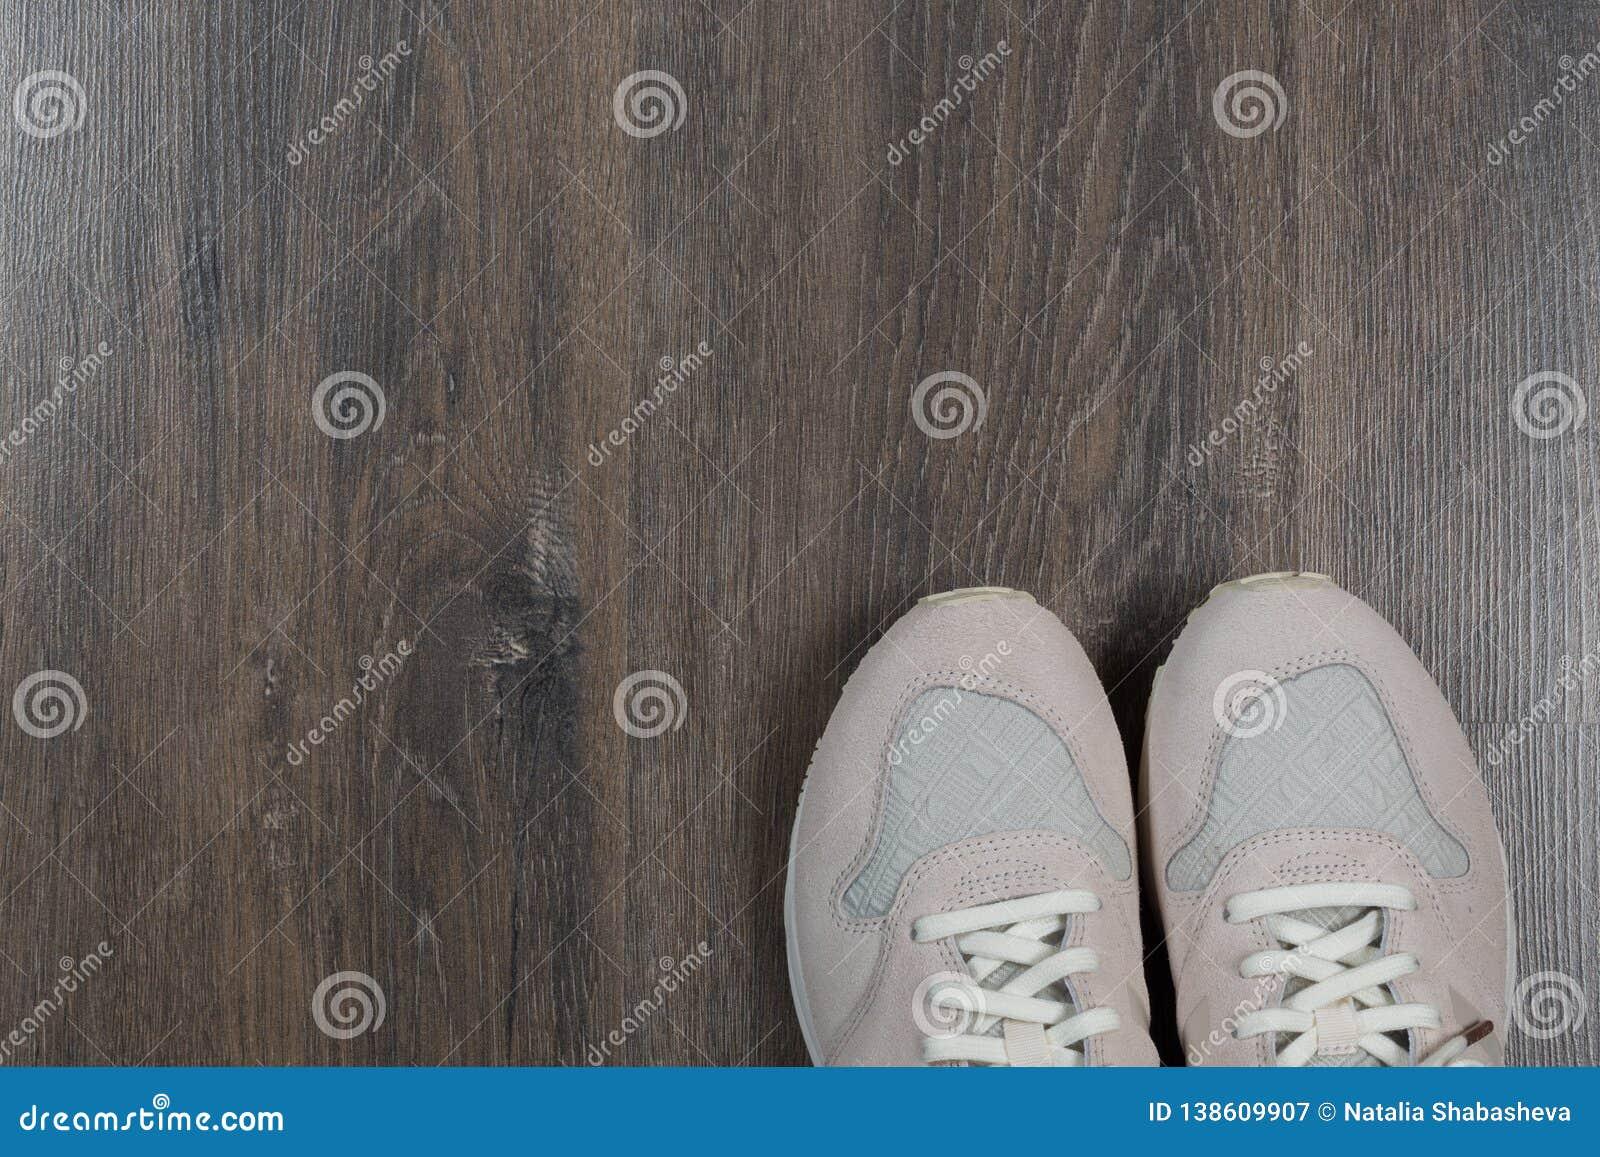 在灰色地板上的运动鞋在家